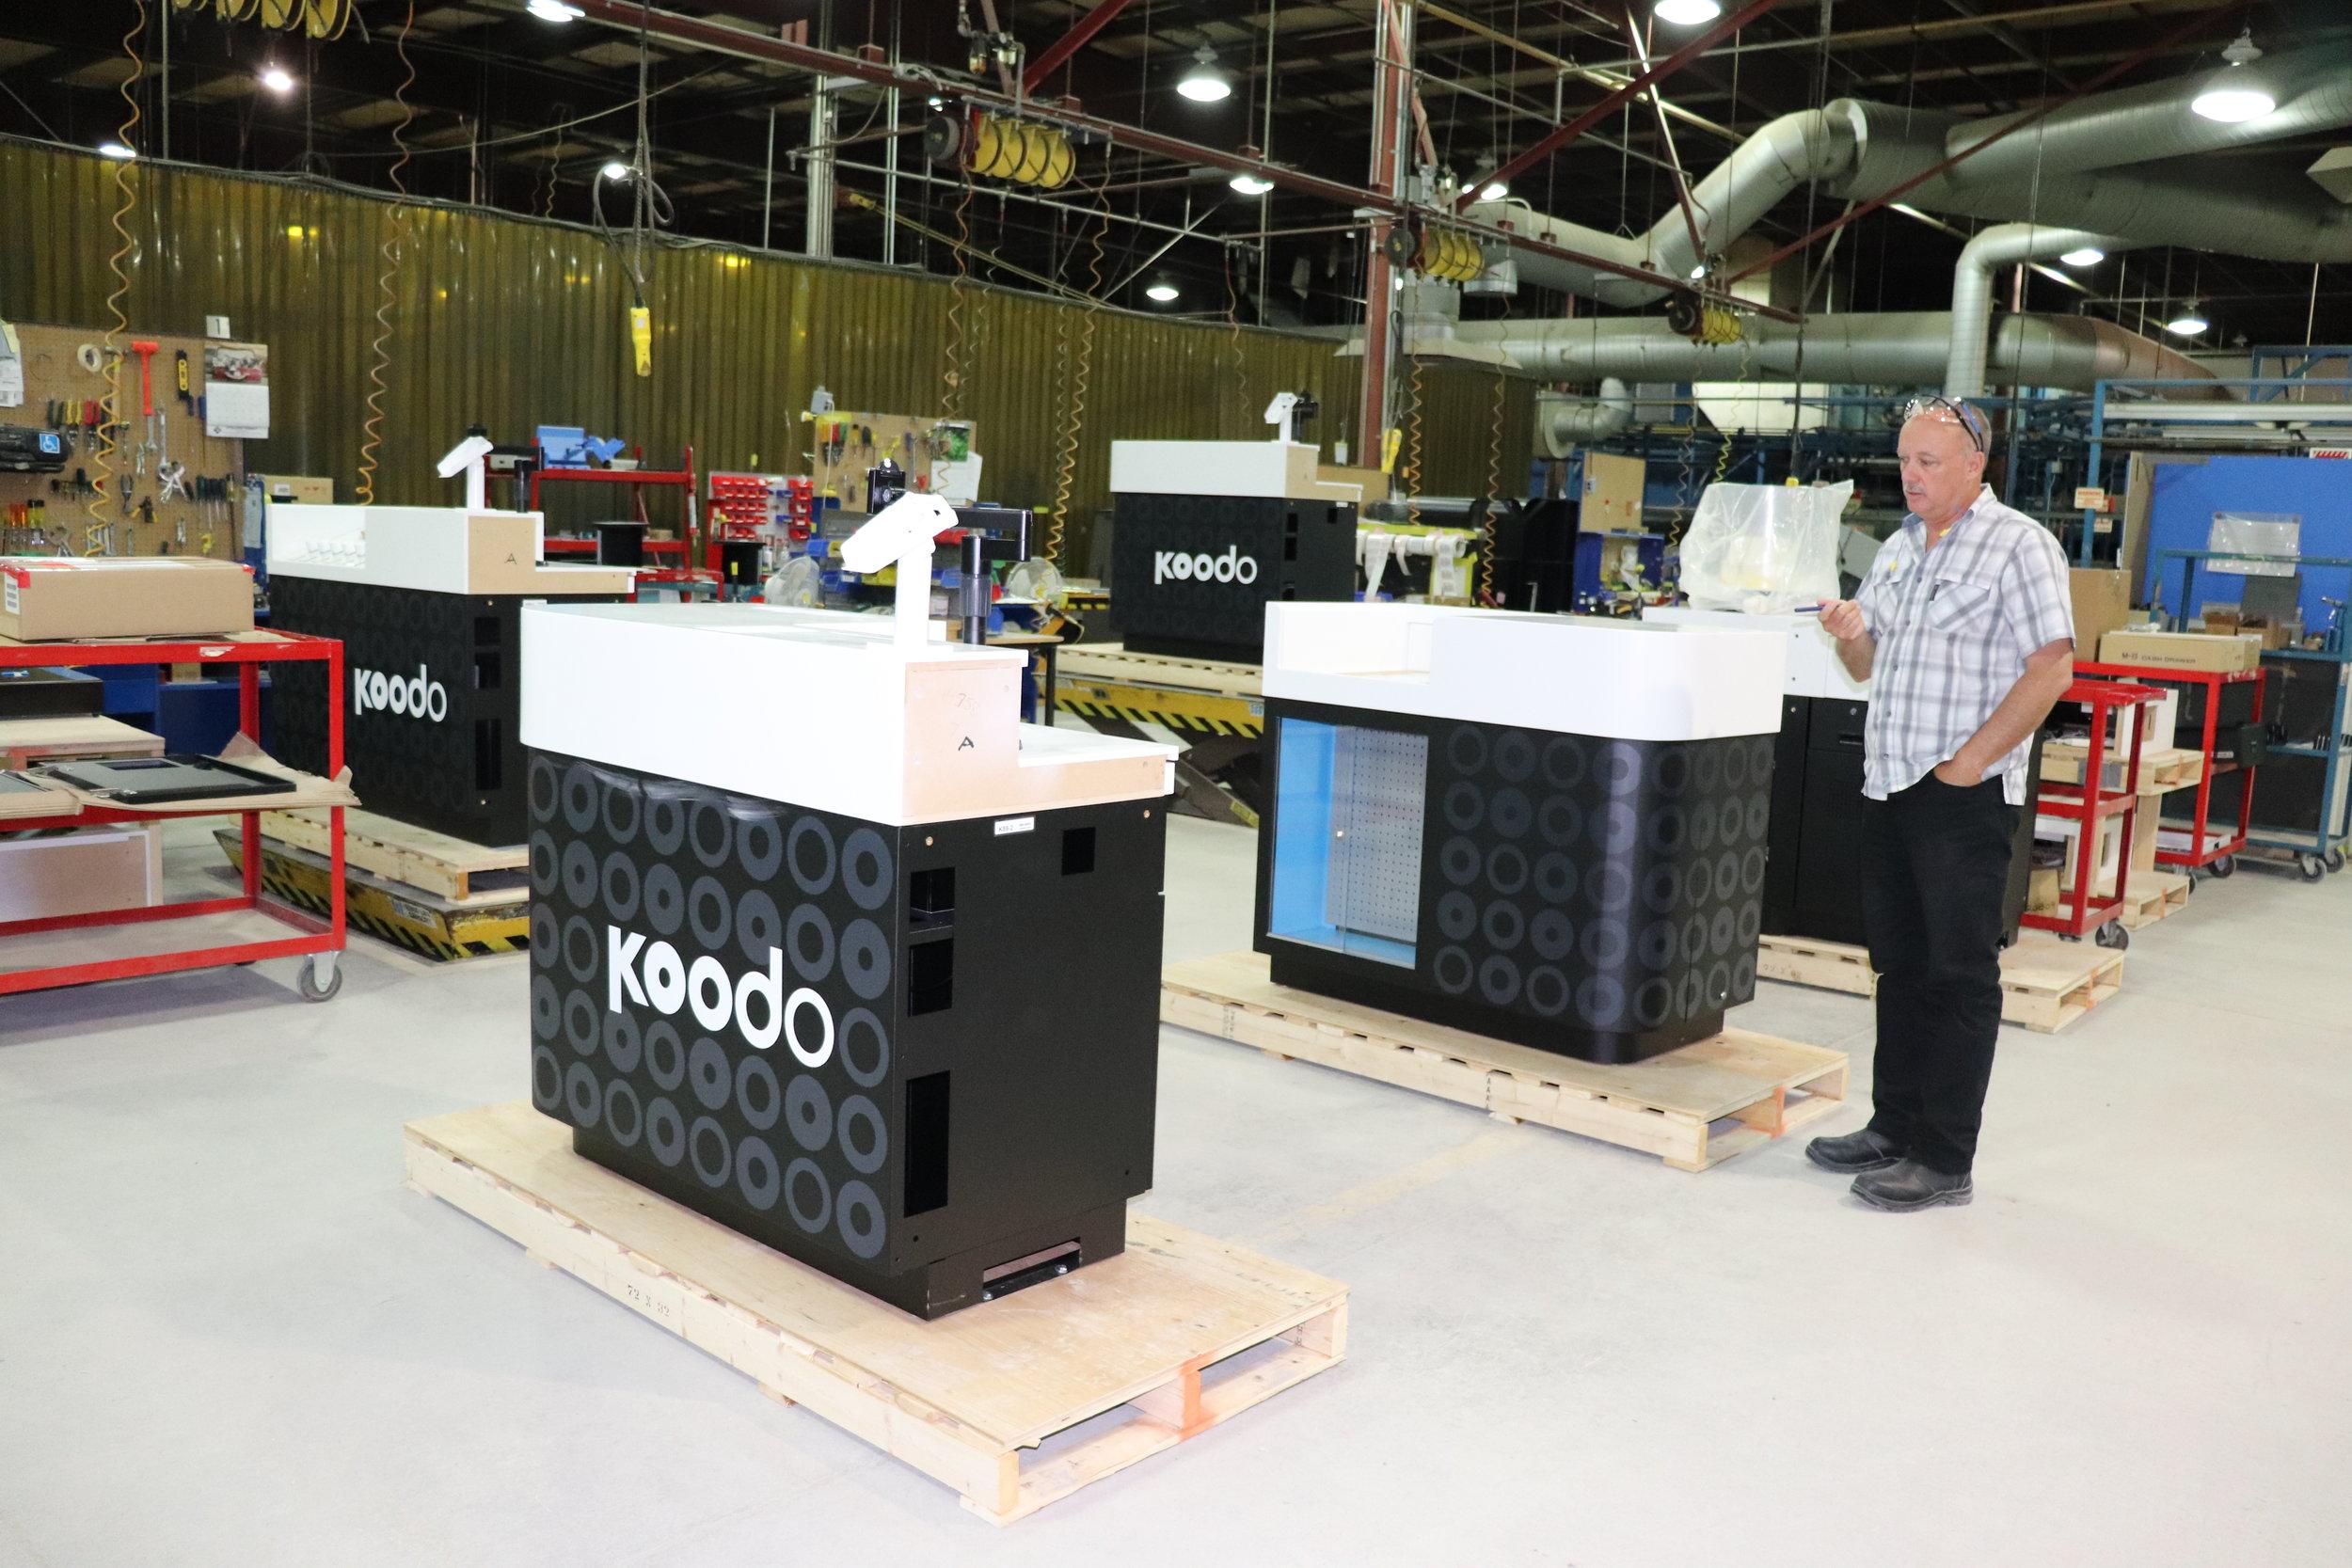 Koodo kiosks at the Pan-Oston facility in Peterborough, Ontario. PHOTO: PAN-OSTON